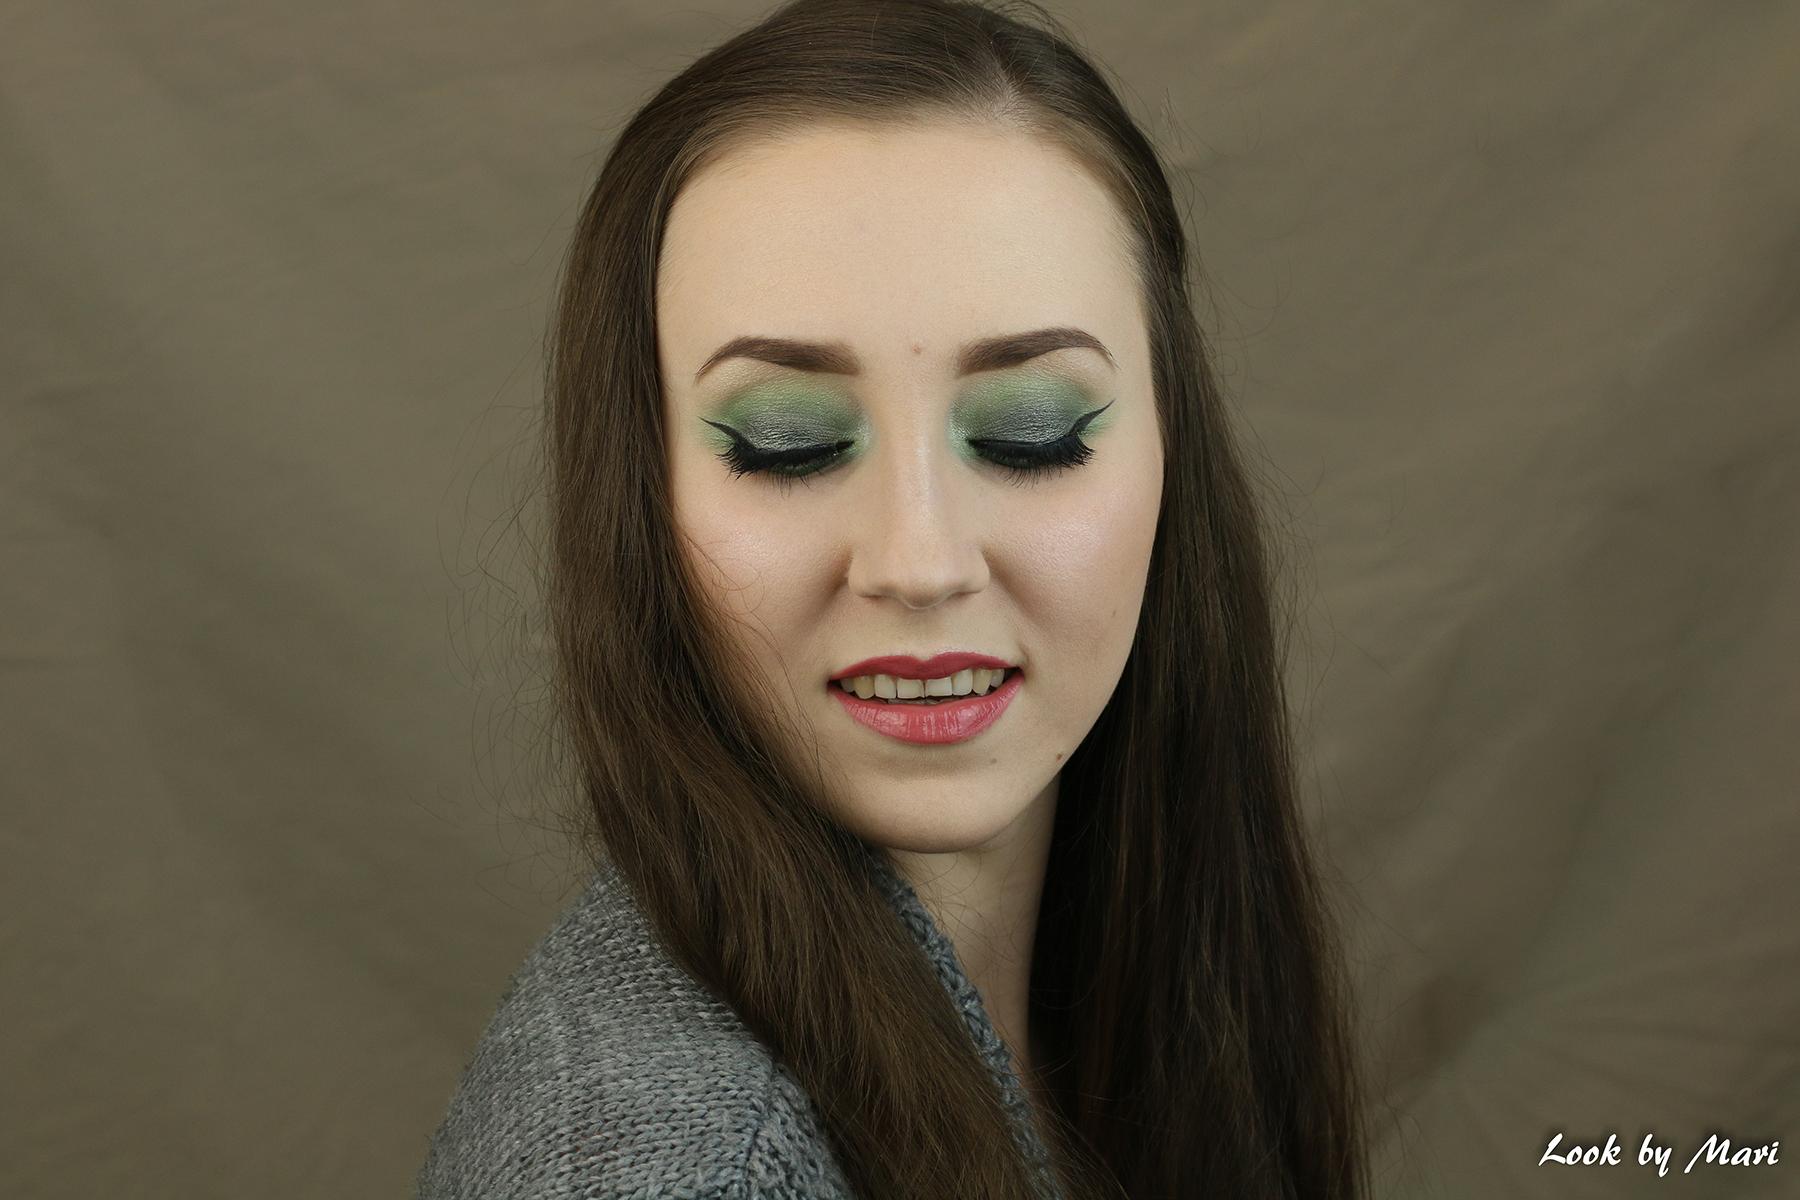 7 vihreä silmämeikki ideat tutoriaali ideoita siniselle silmille